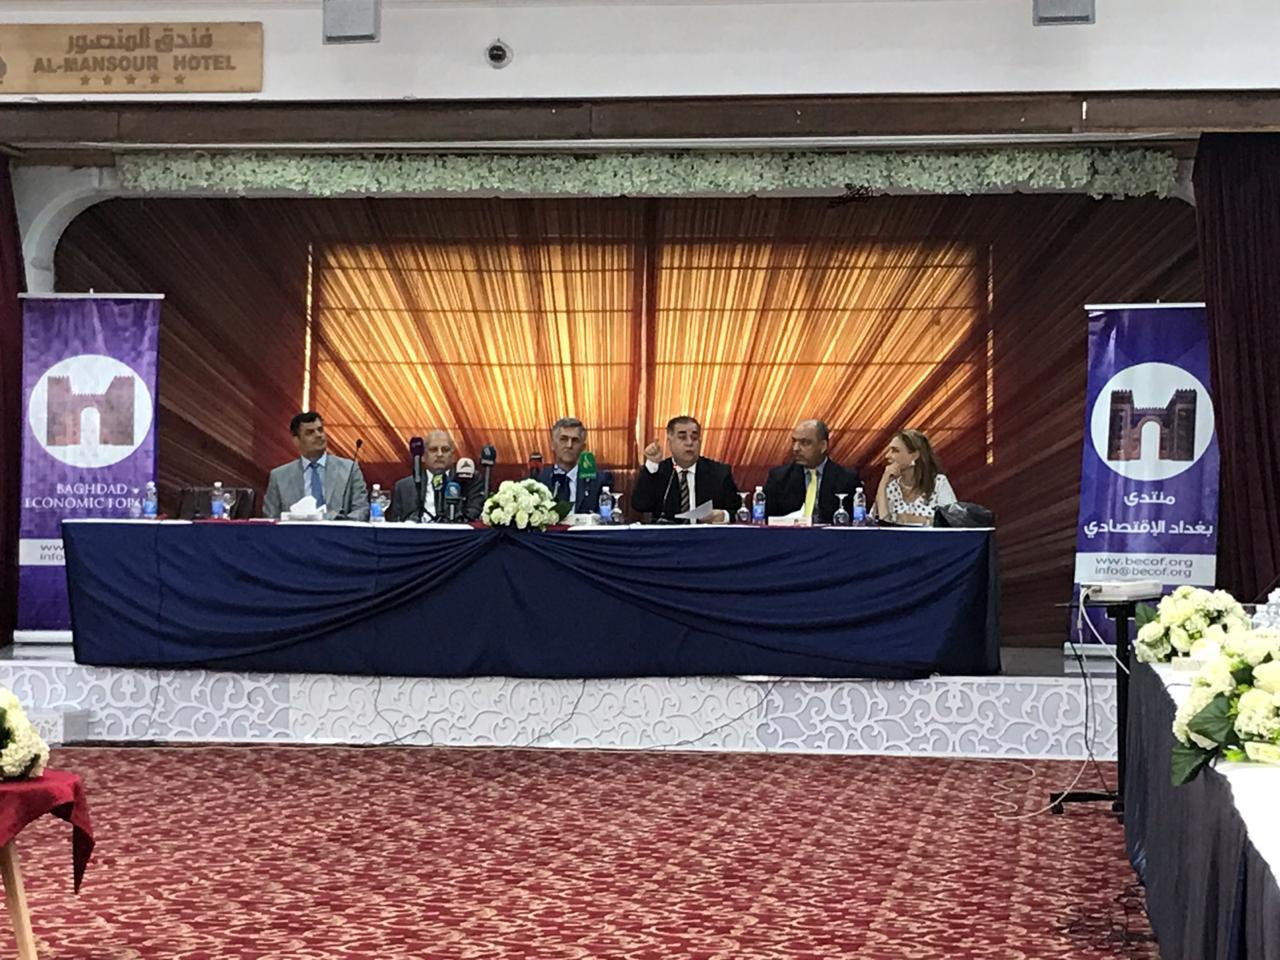 اتفاقية منطقة تجارة حرة بين العراق والكويت على طاولة الخبراء